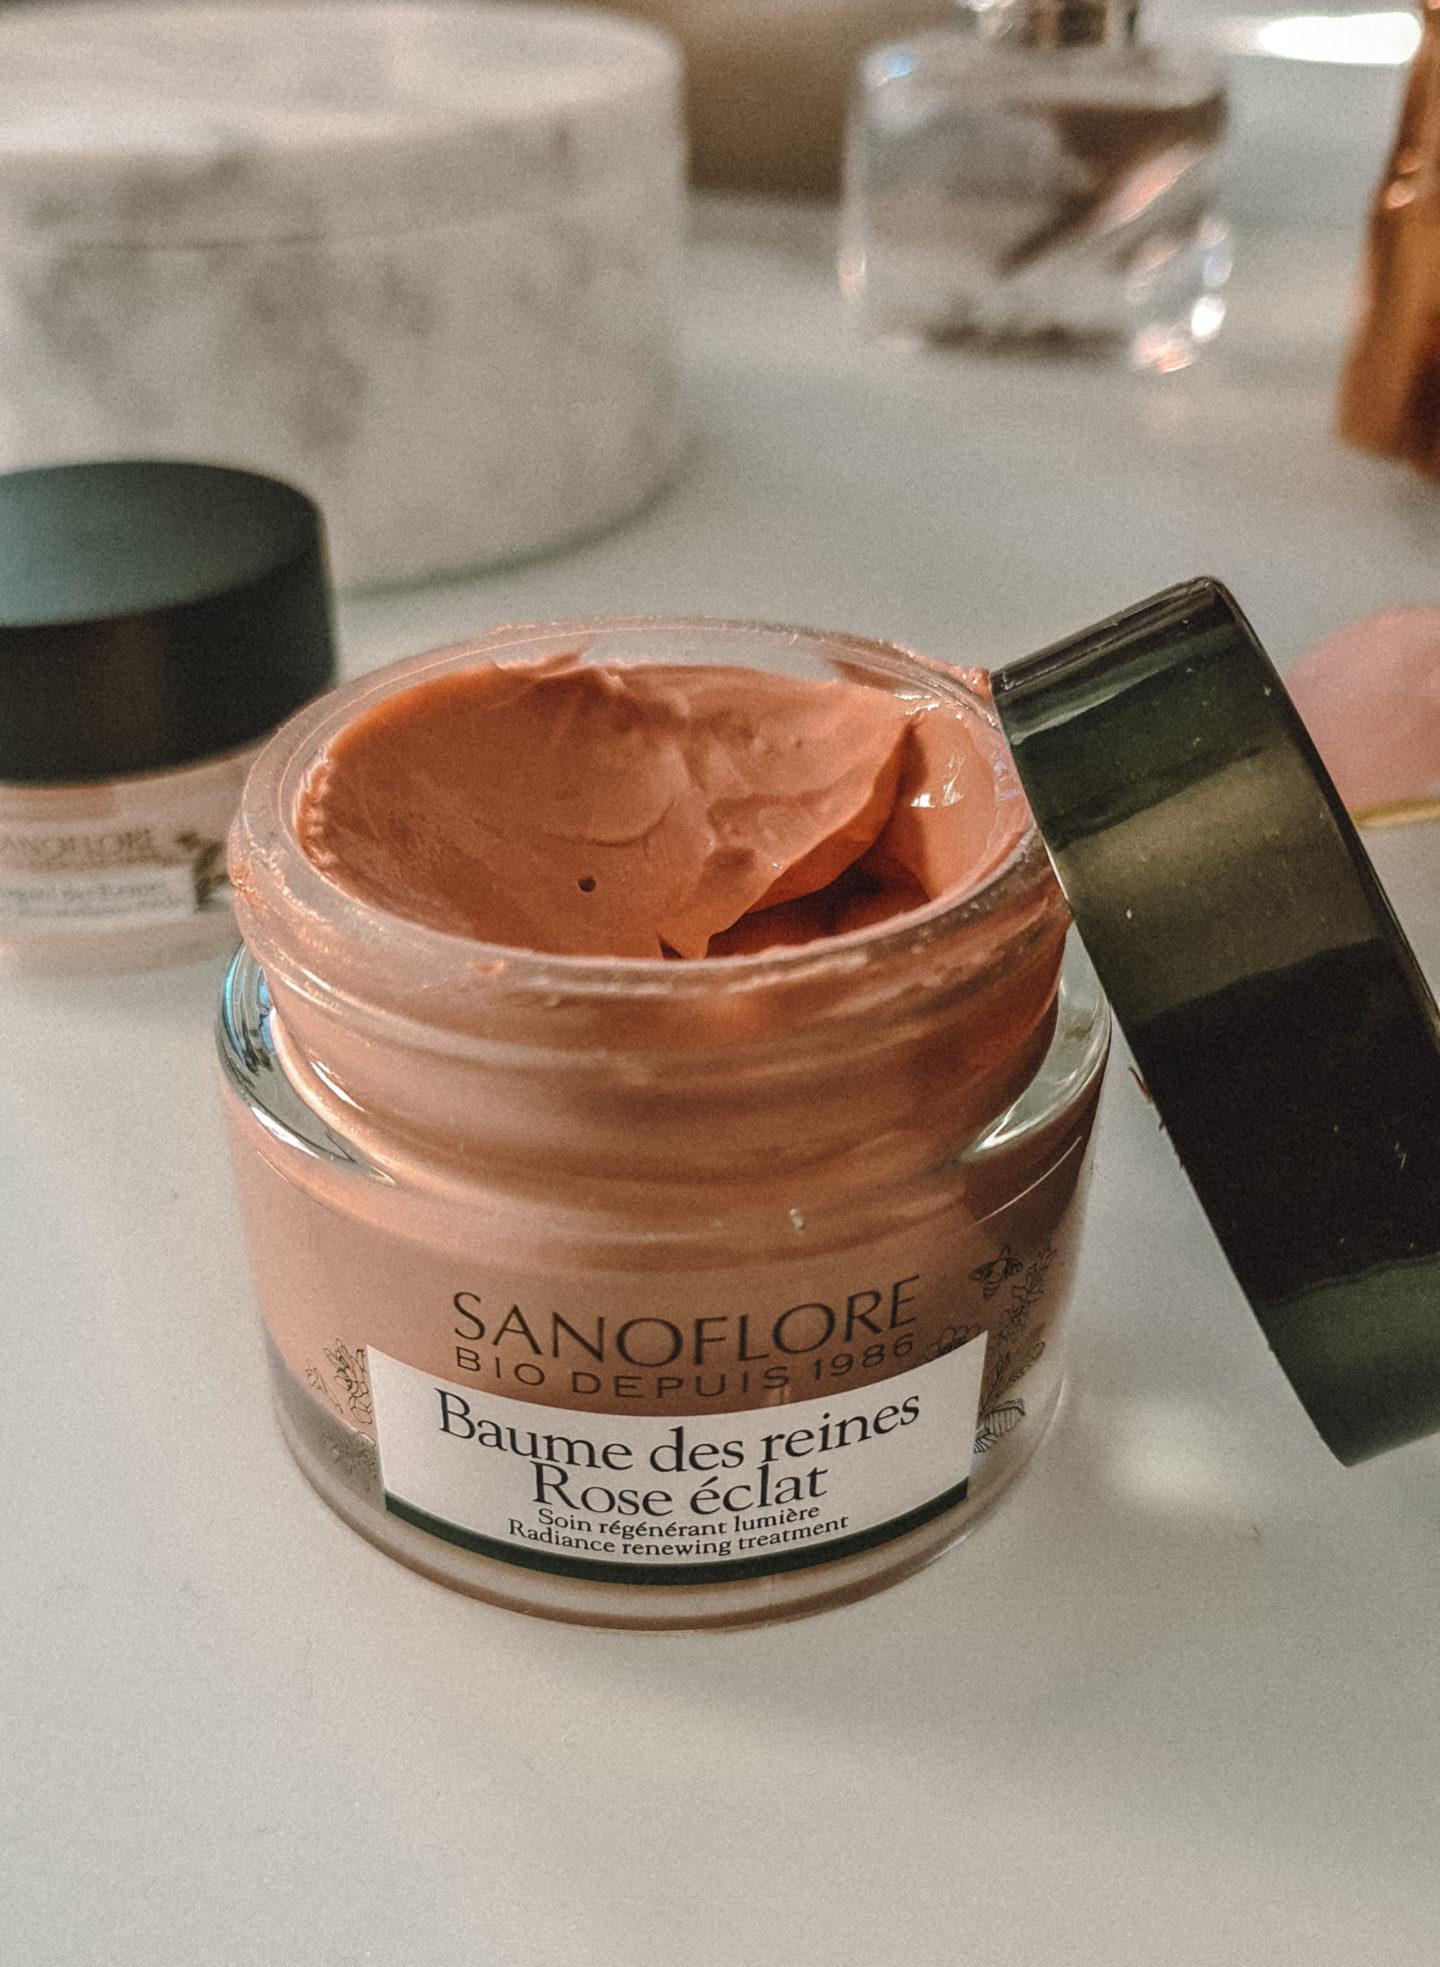 Sanoflore rose eclat